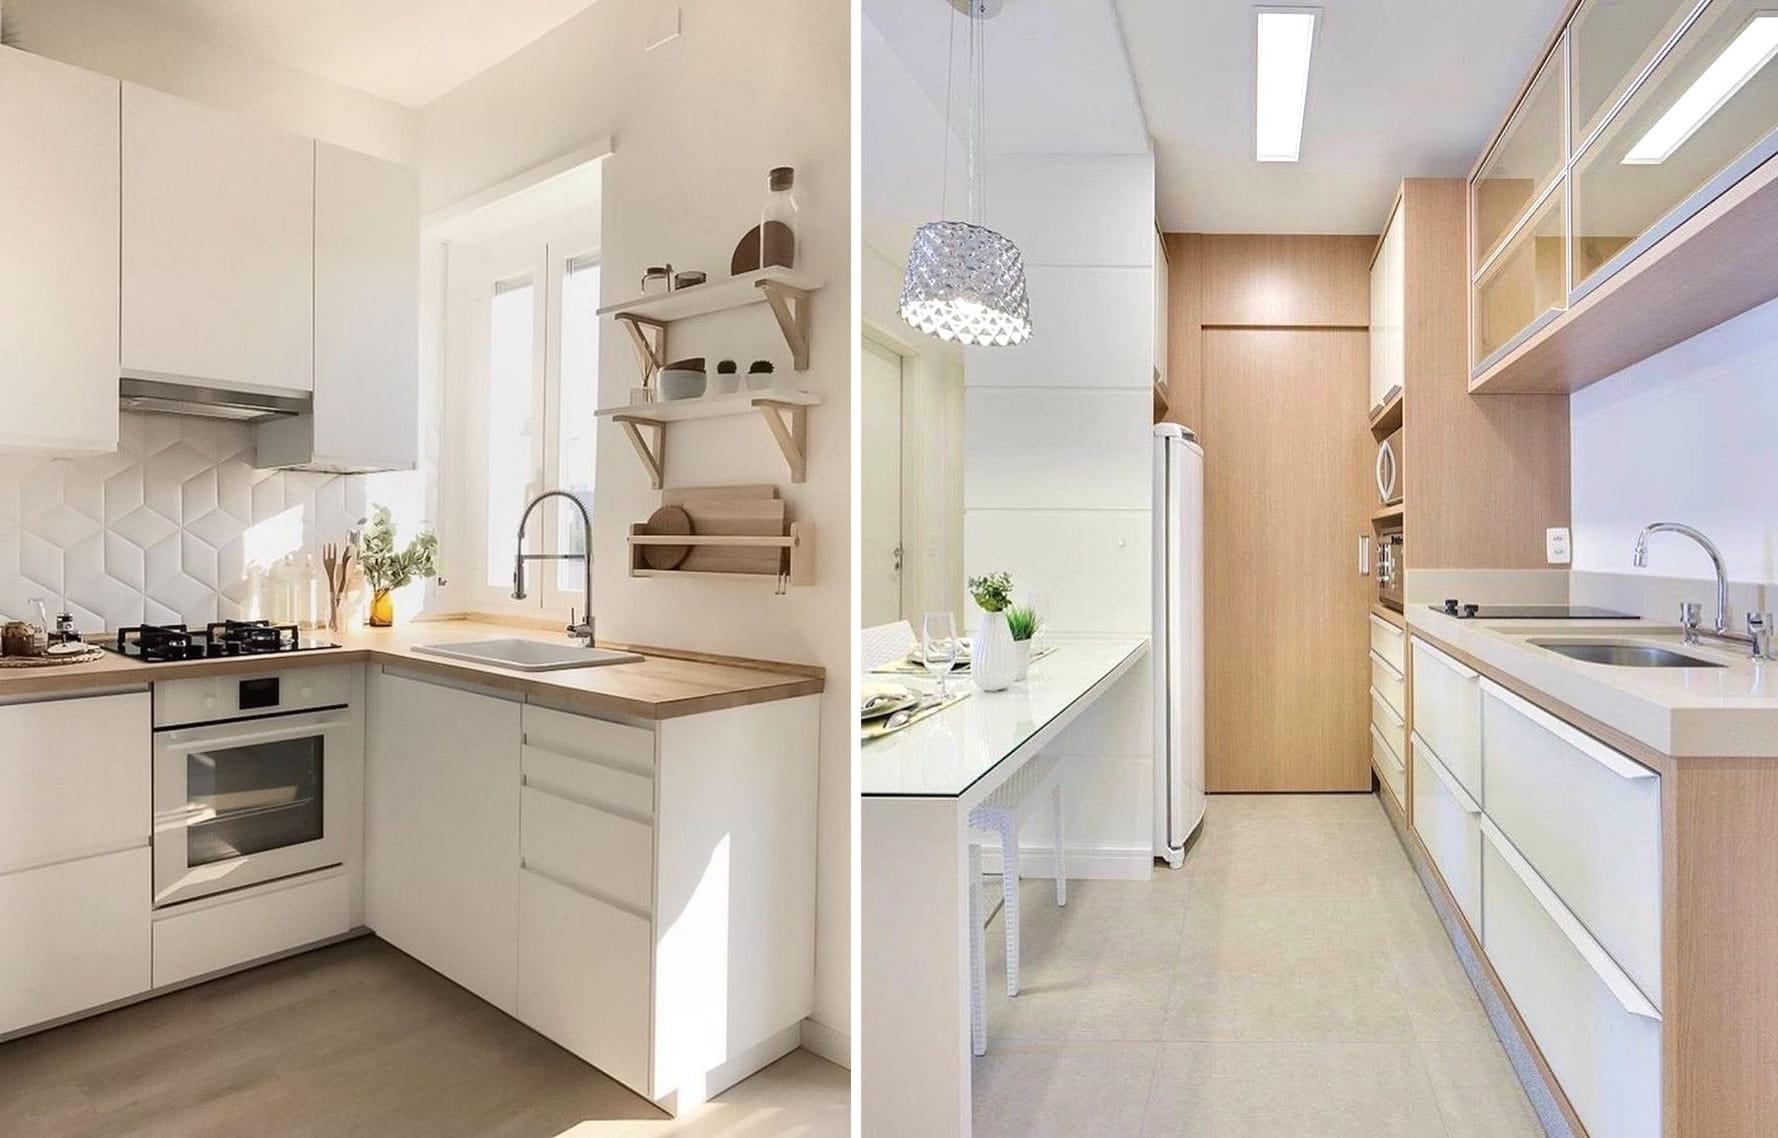 Кухня в скандинавском стиле, с преобладанием белого цвета, всегда выглядит эффектно и элегантно